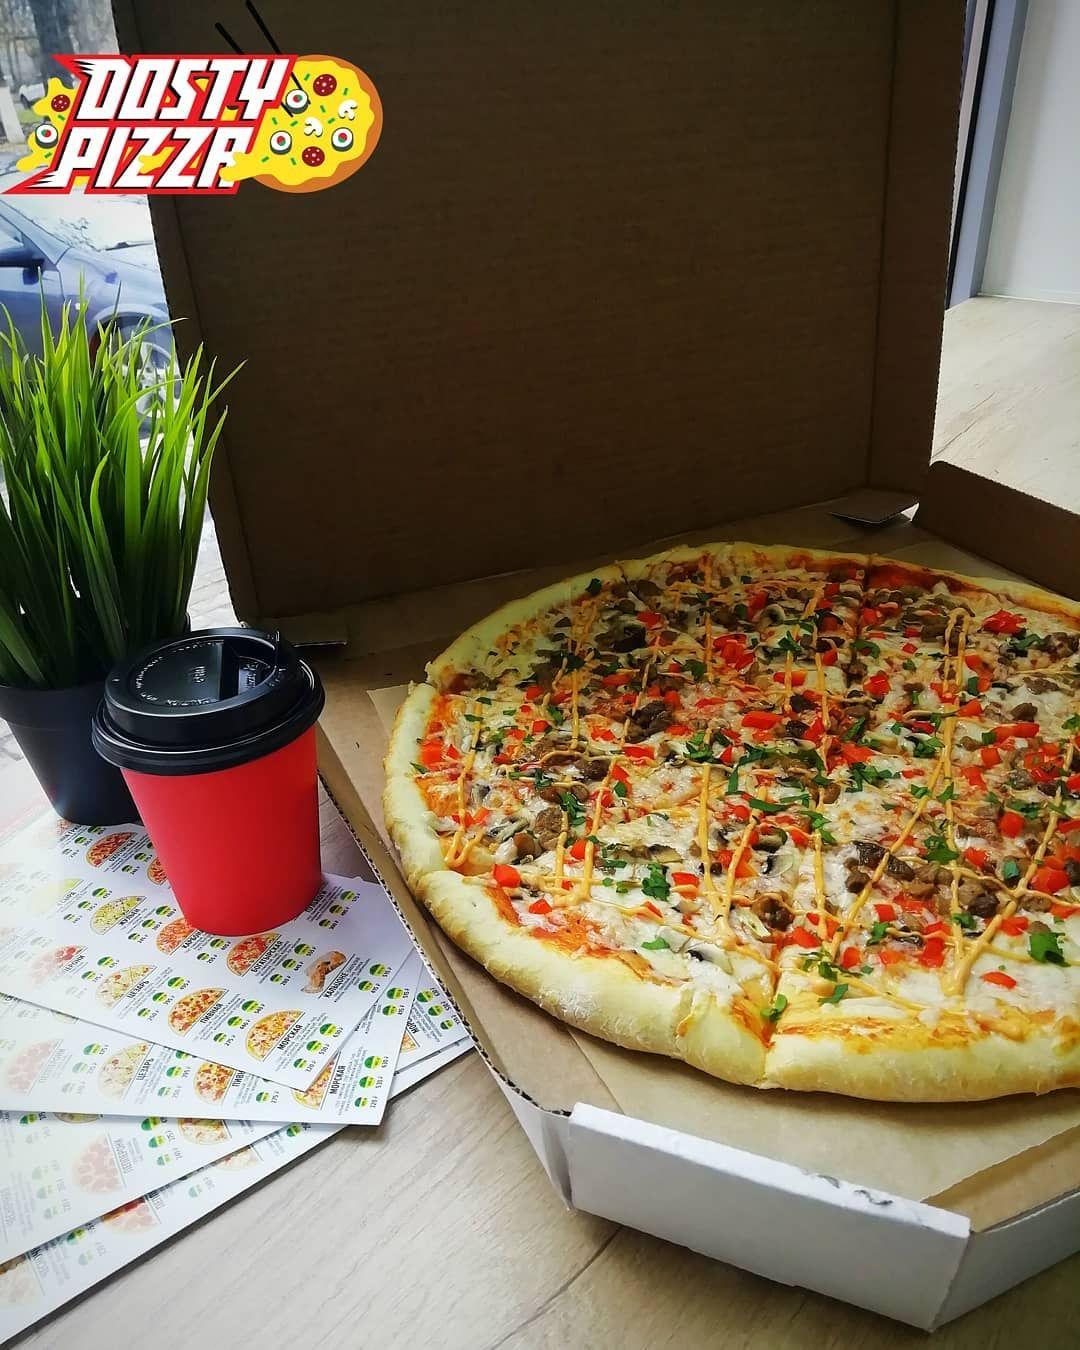 Доброе утро Мир  Взбодрись Мы уже готовы привезти Вам горяченькую пиццу   Понедельник отнюдь не тяжелый день Ведь действует скидка 15 на все роллы и вок кофе в подарок  в...